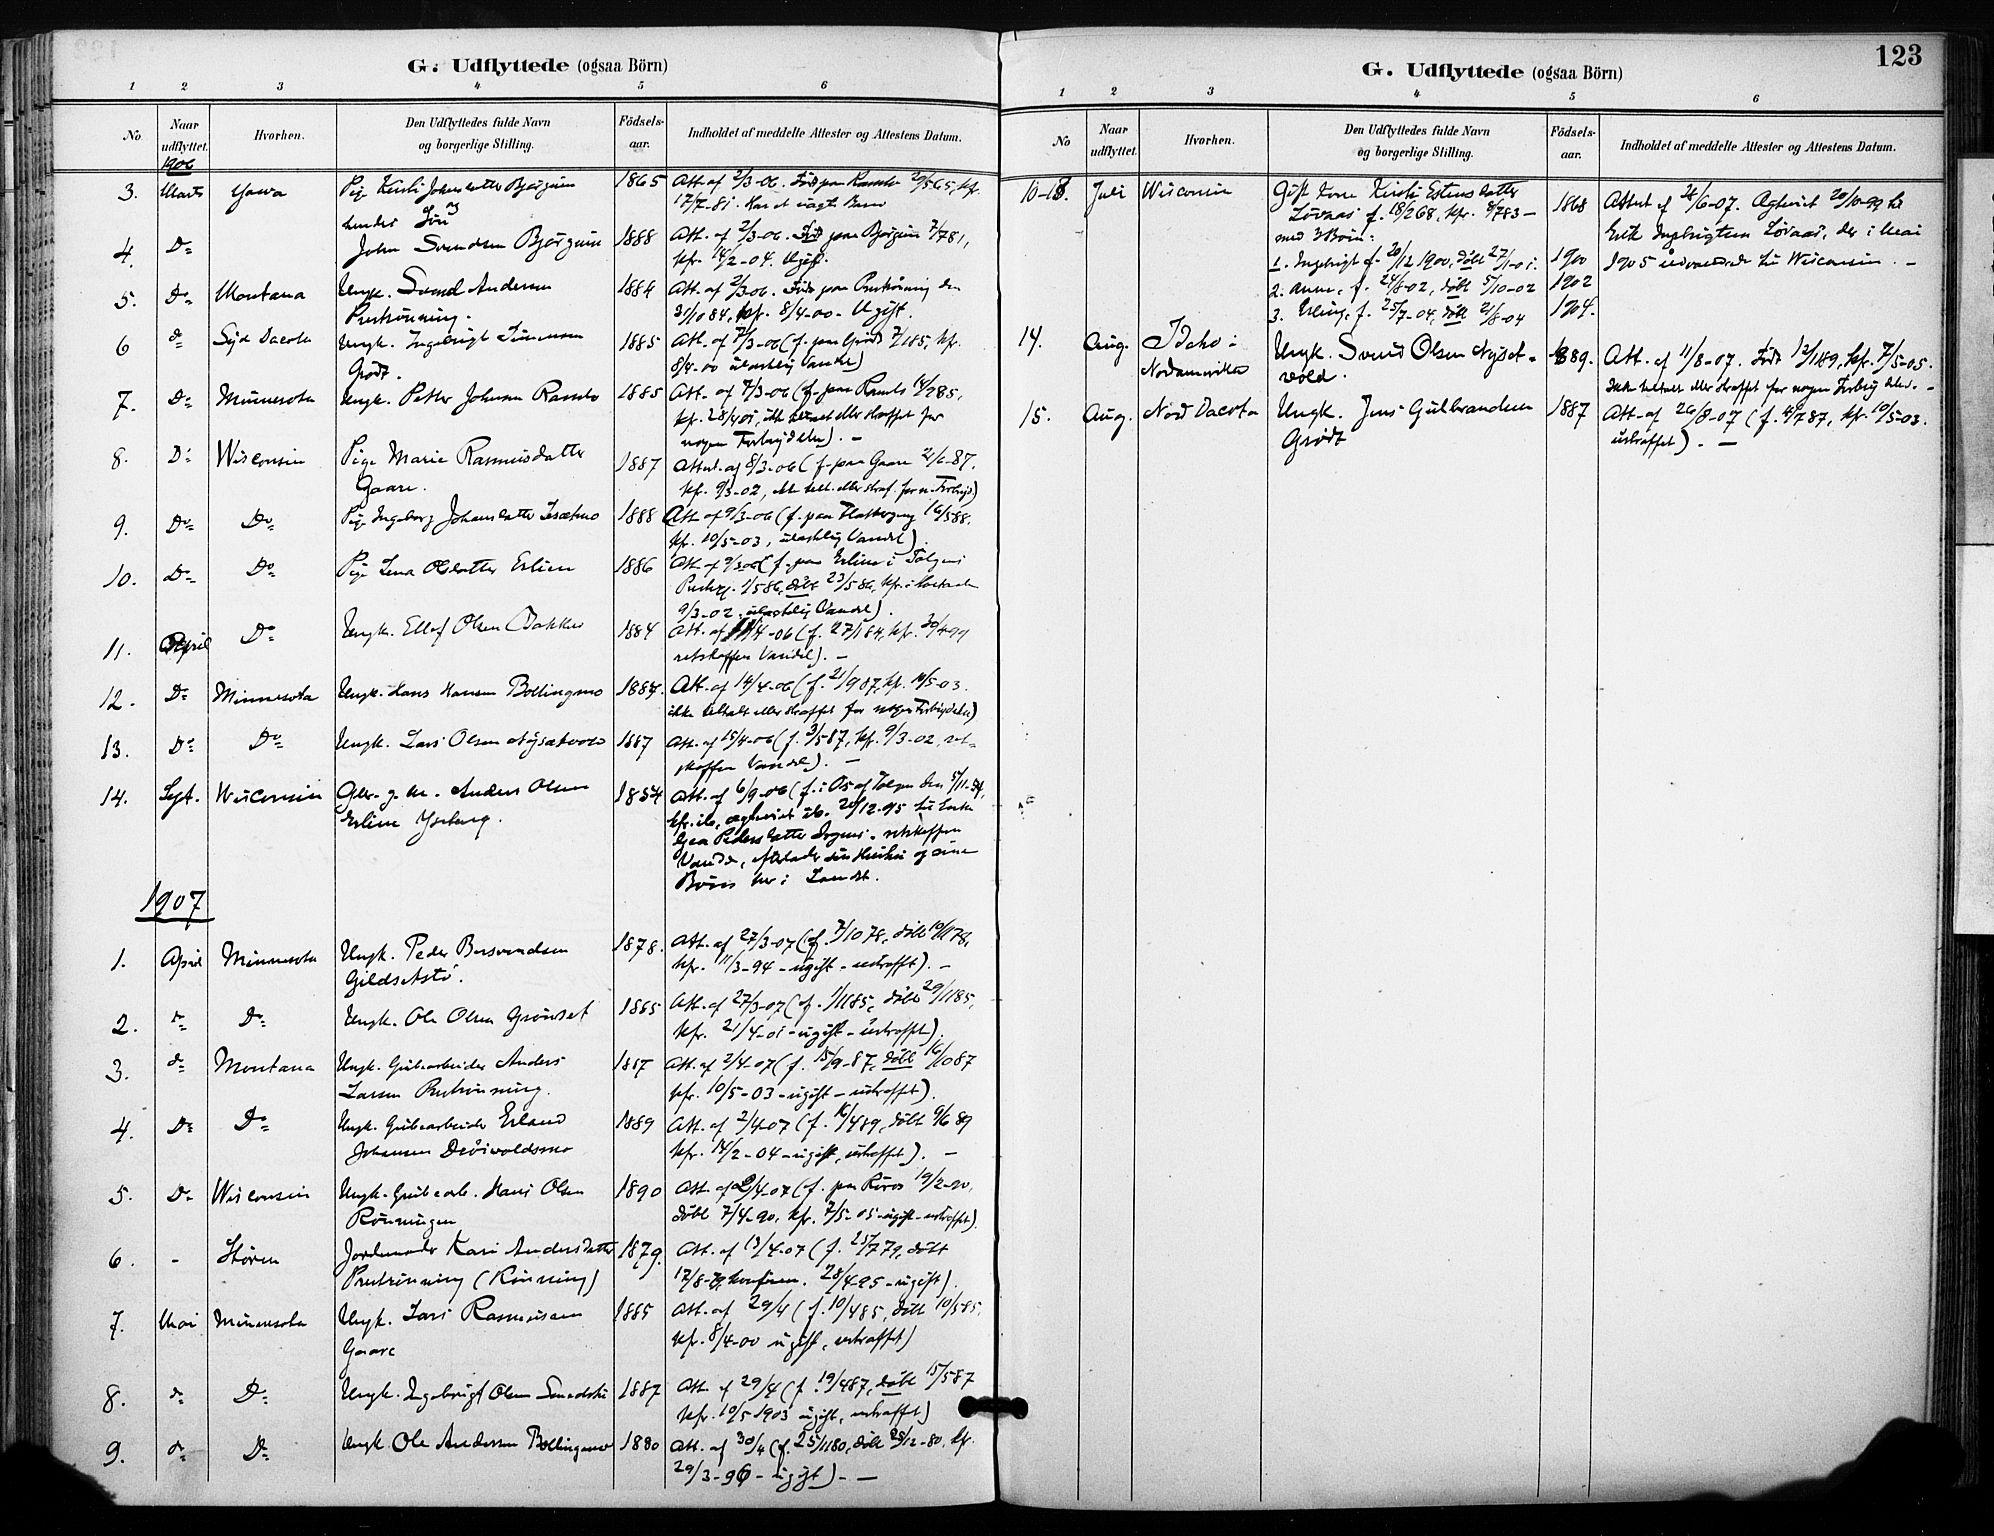 SAT, Ministerialprotokoller, klokkerbøker og fødselsregistre - Sør-Trøndelag, 685/L0973: Ministerialbok nr. 685A10, 1891-1907, s. 123